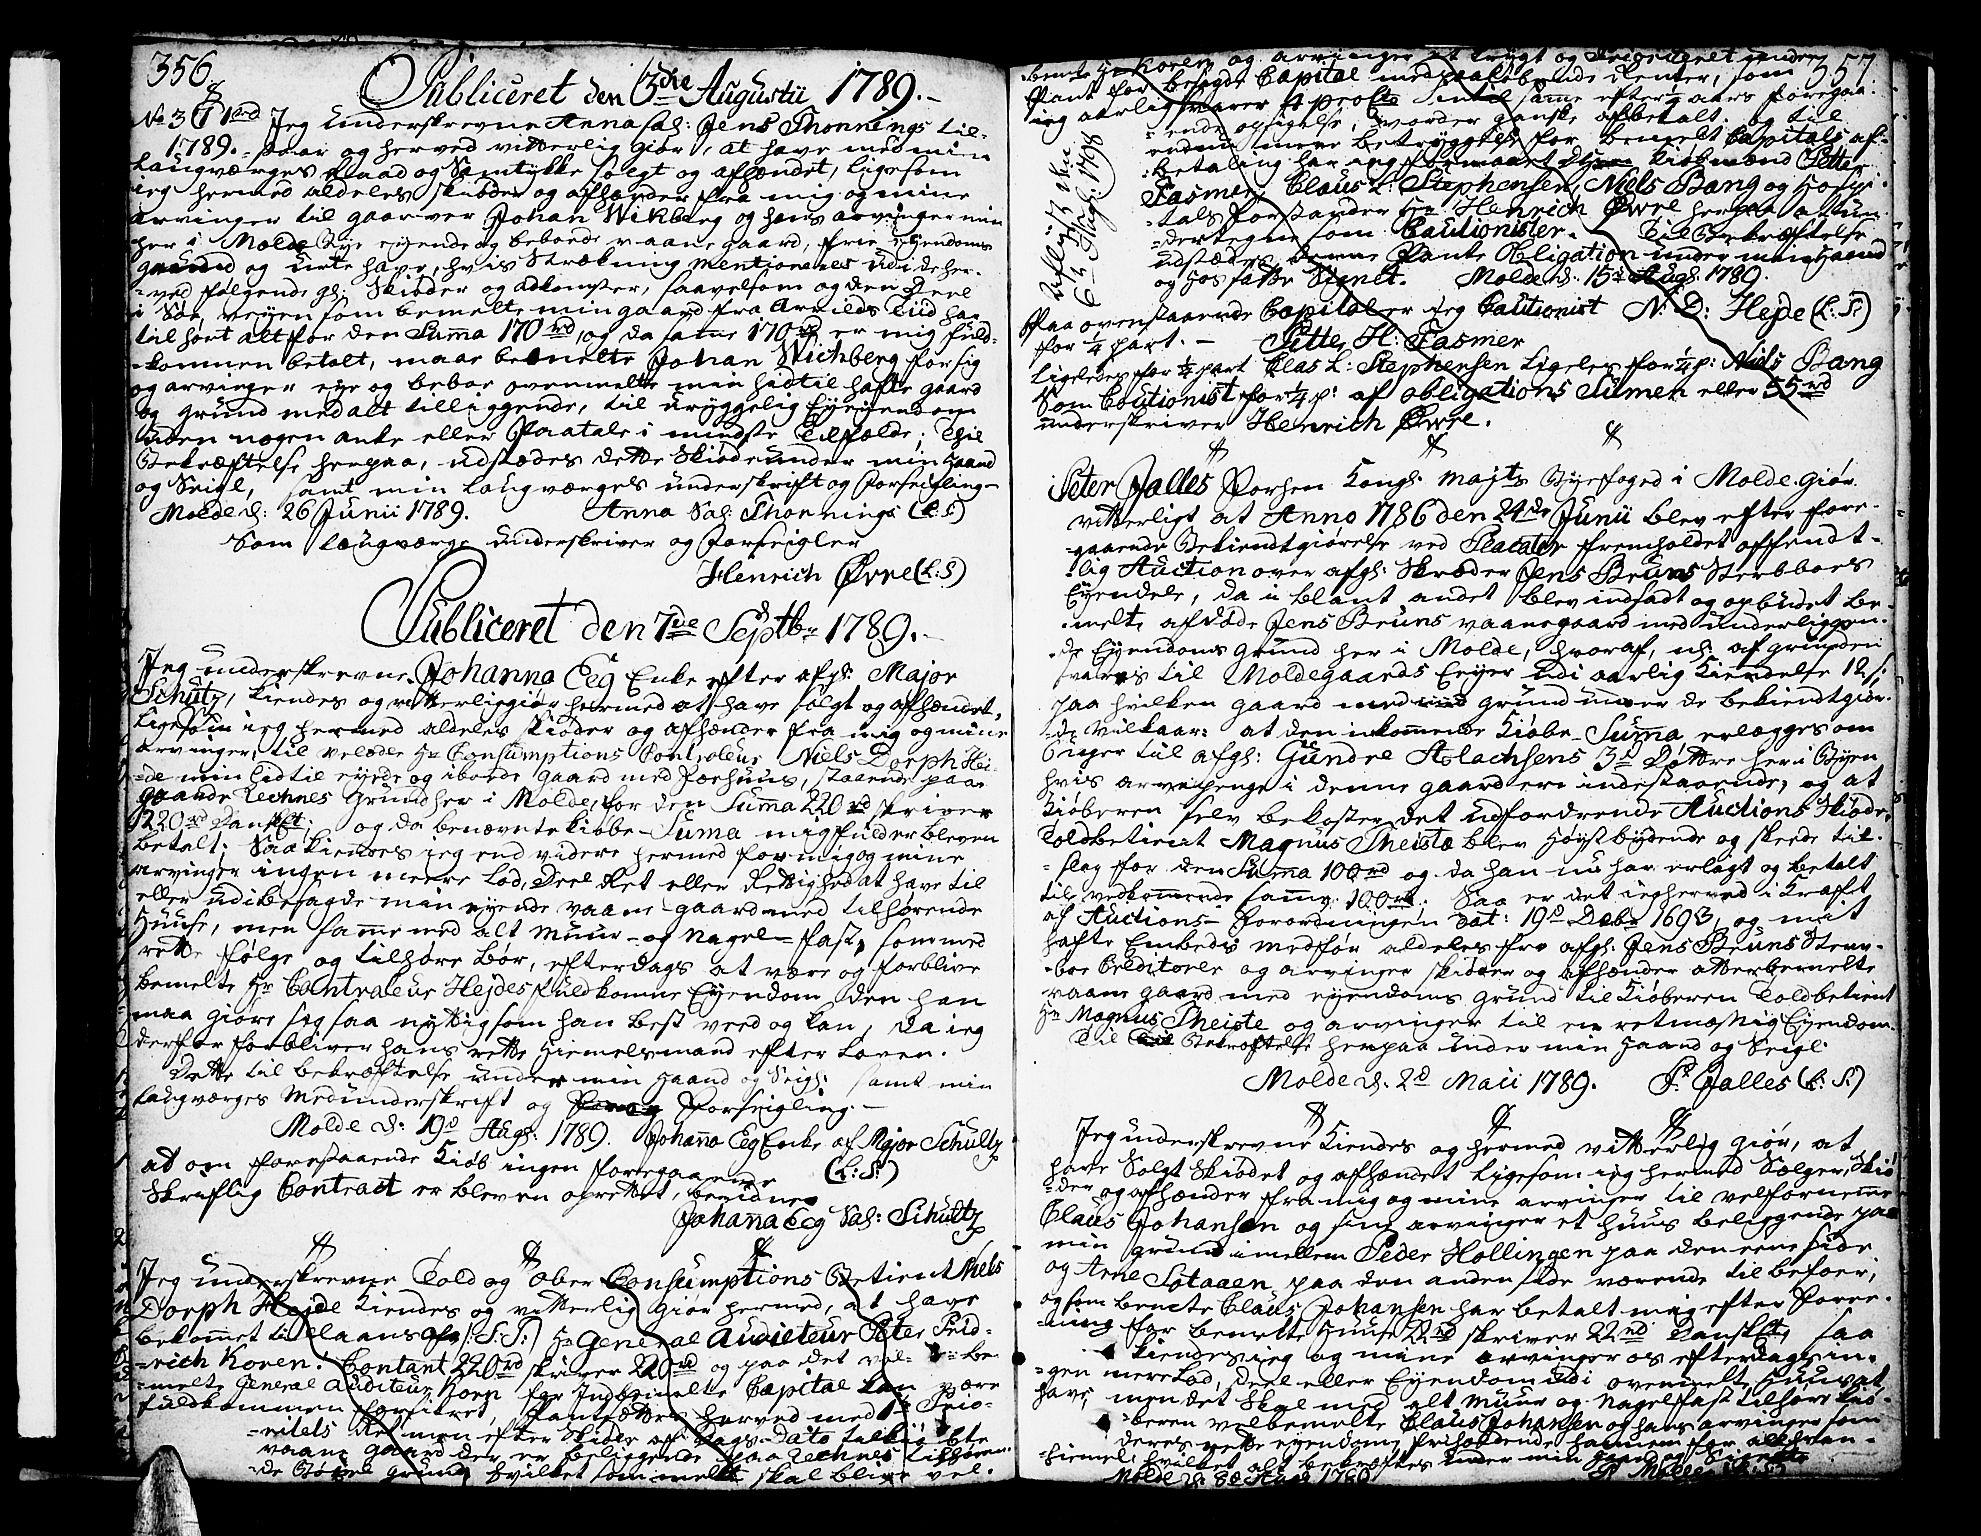 SAT, Molde byfogd, 2C/L0001: Pantebok nr. 1, 1748-1823, s. 356-357